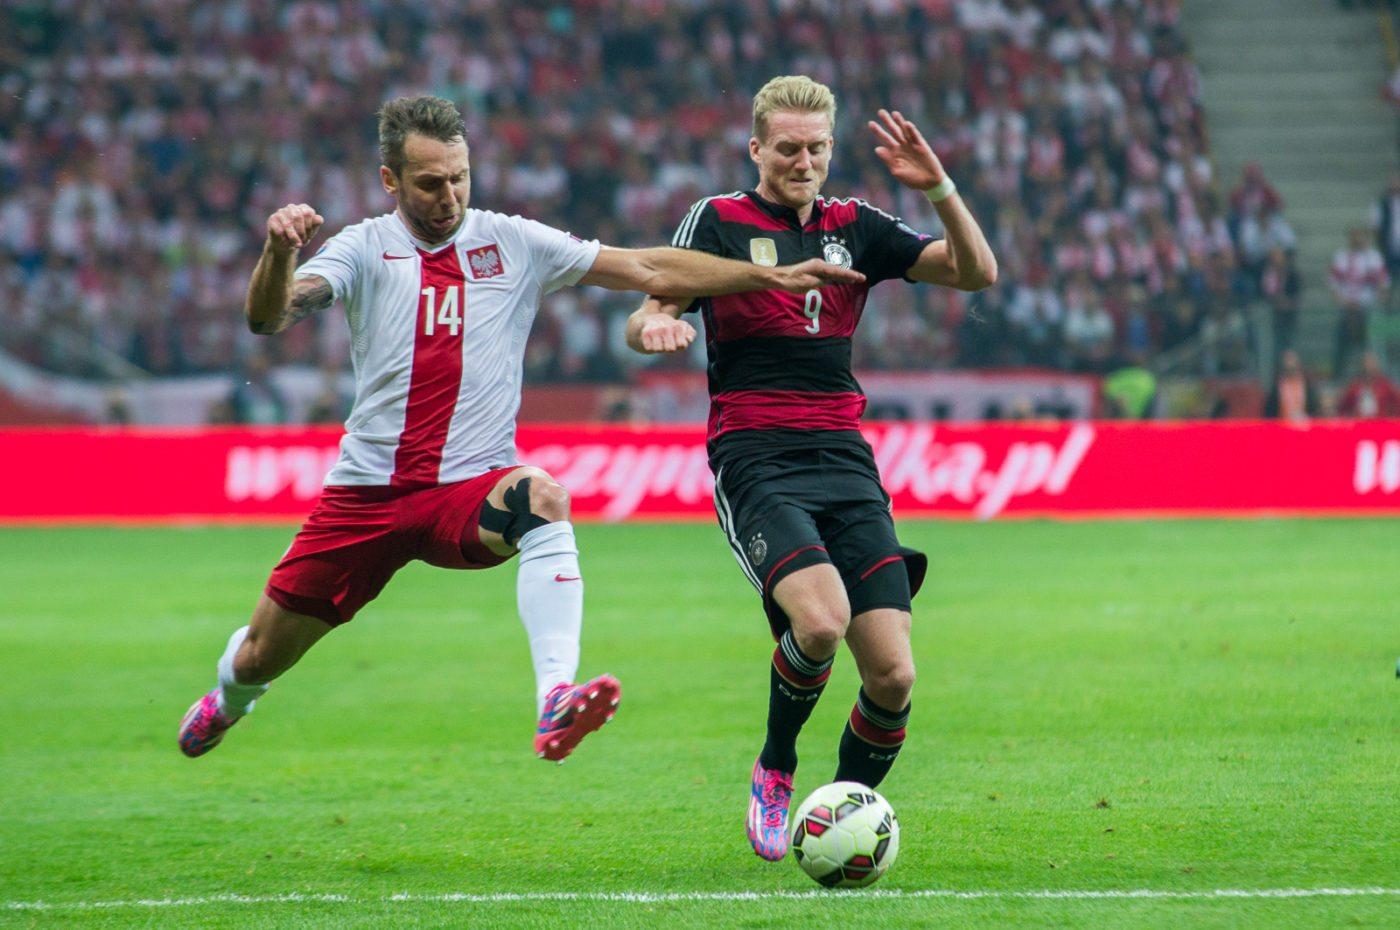 Kaczki transferowe: Borussia szaleje na rynku transferowym!